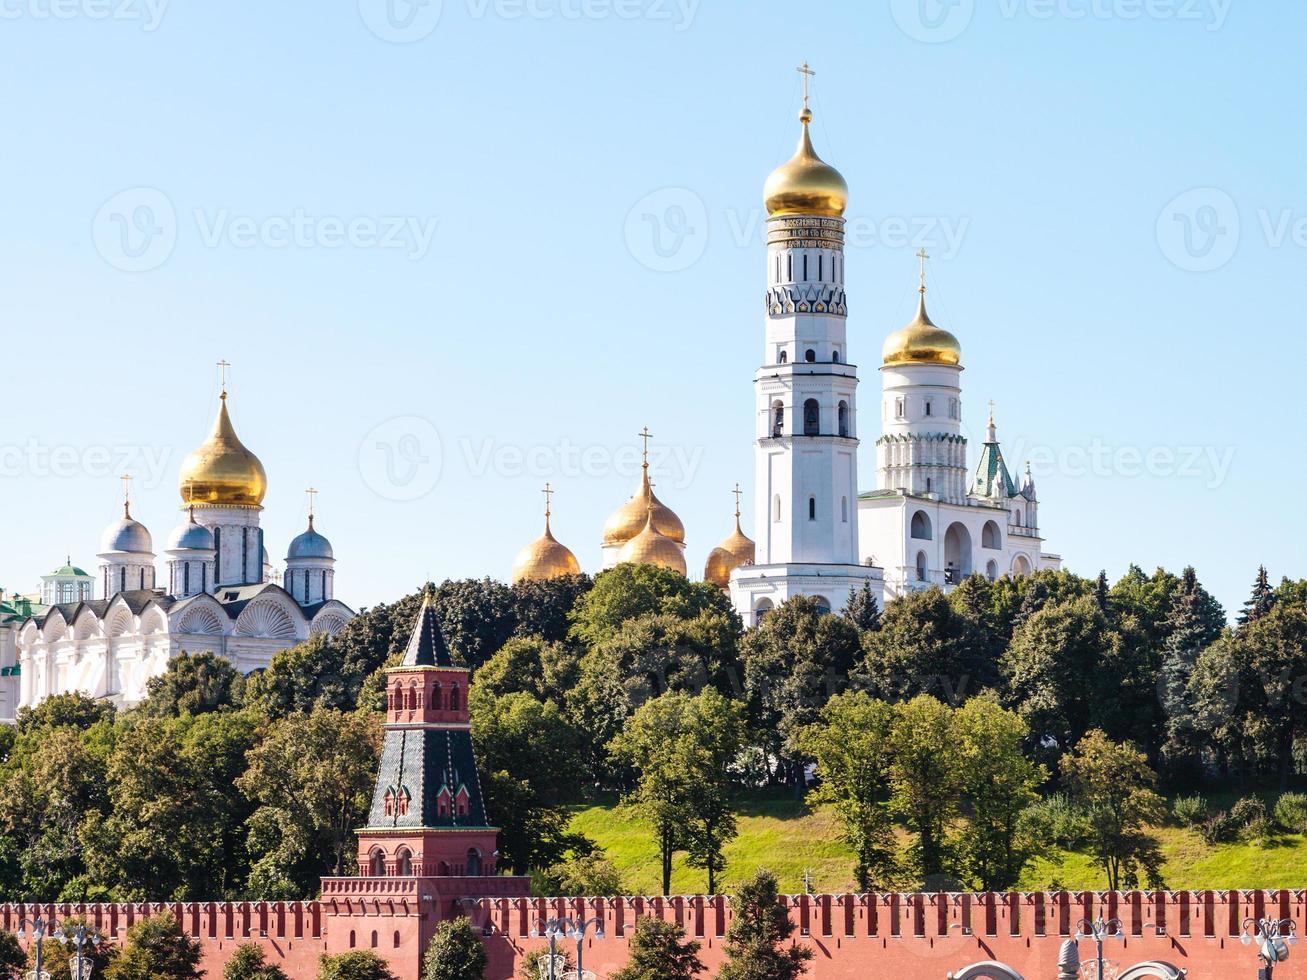 cathédrales sur les collines vertes du kremlin de moscou photo